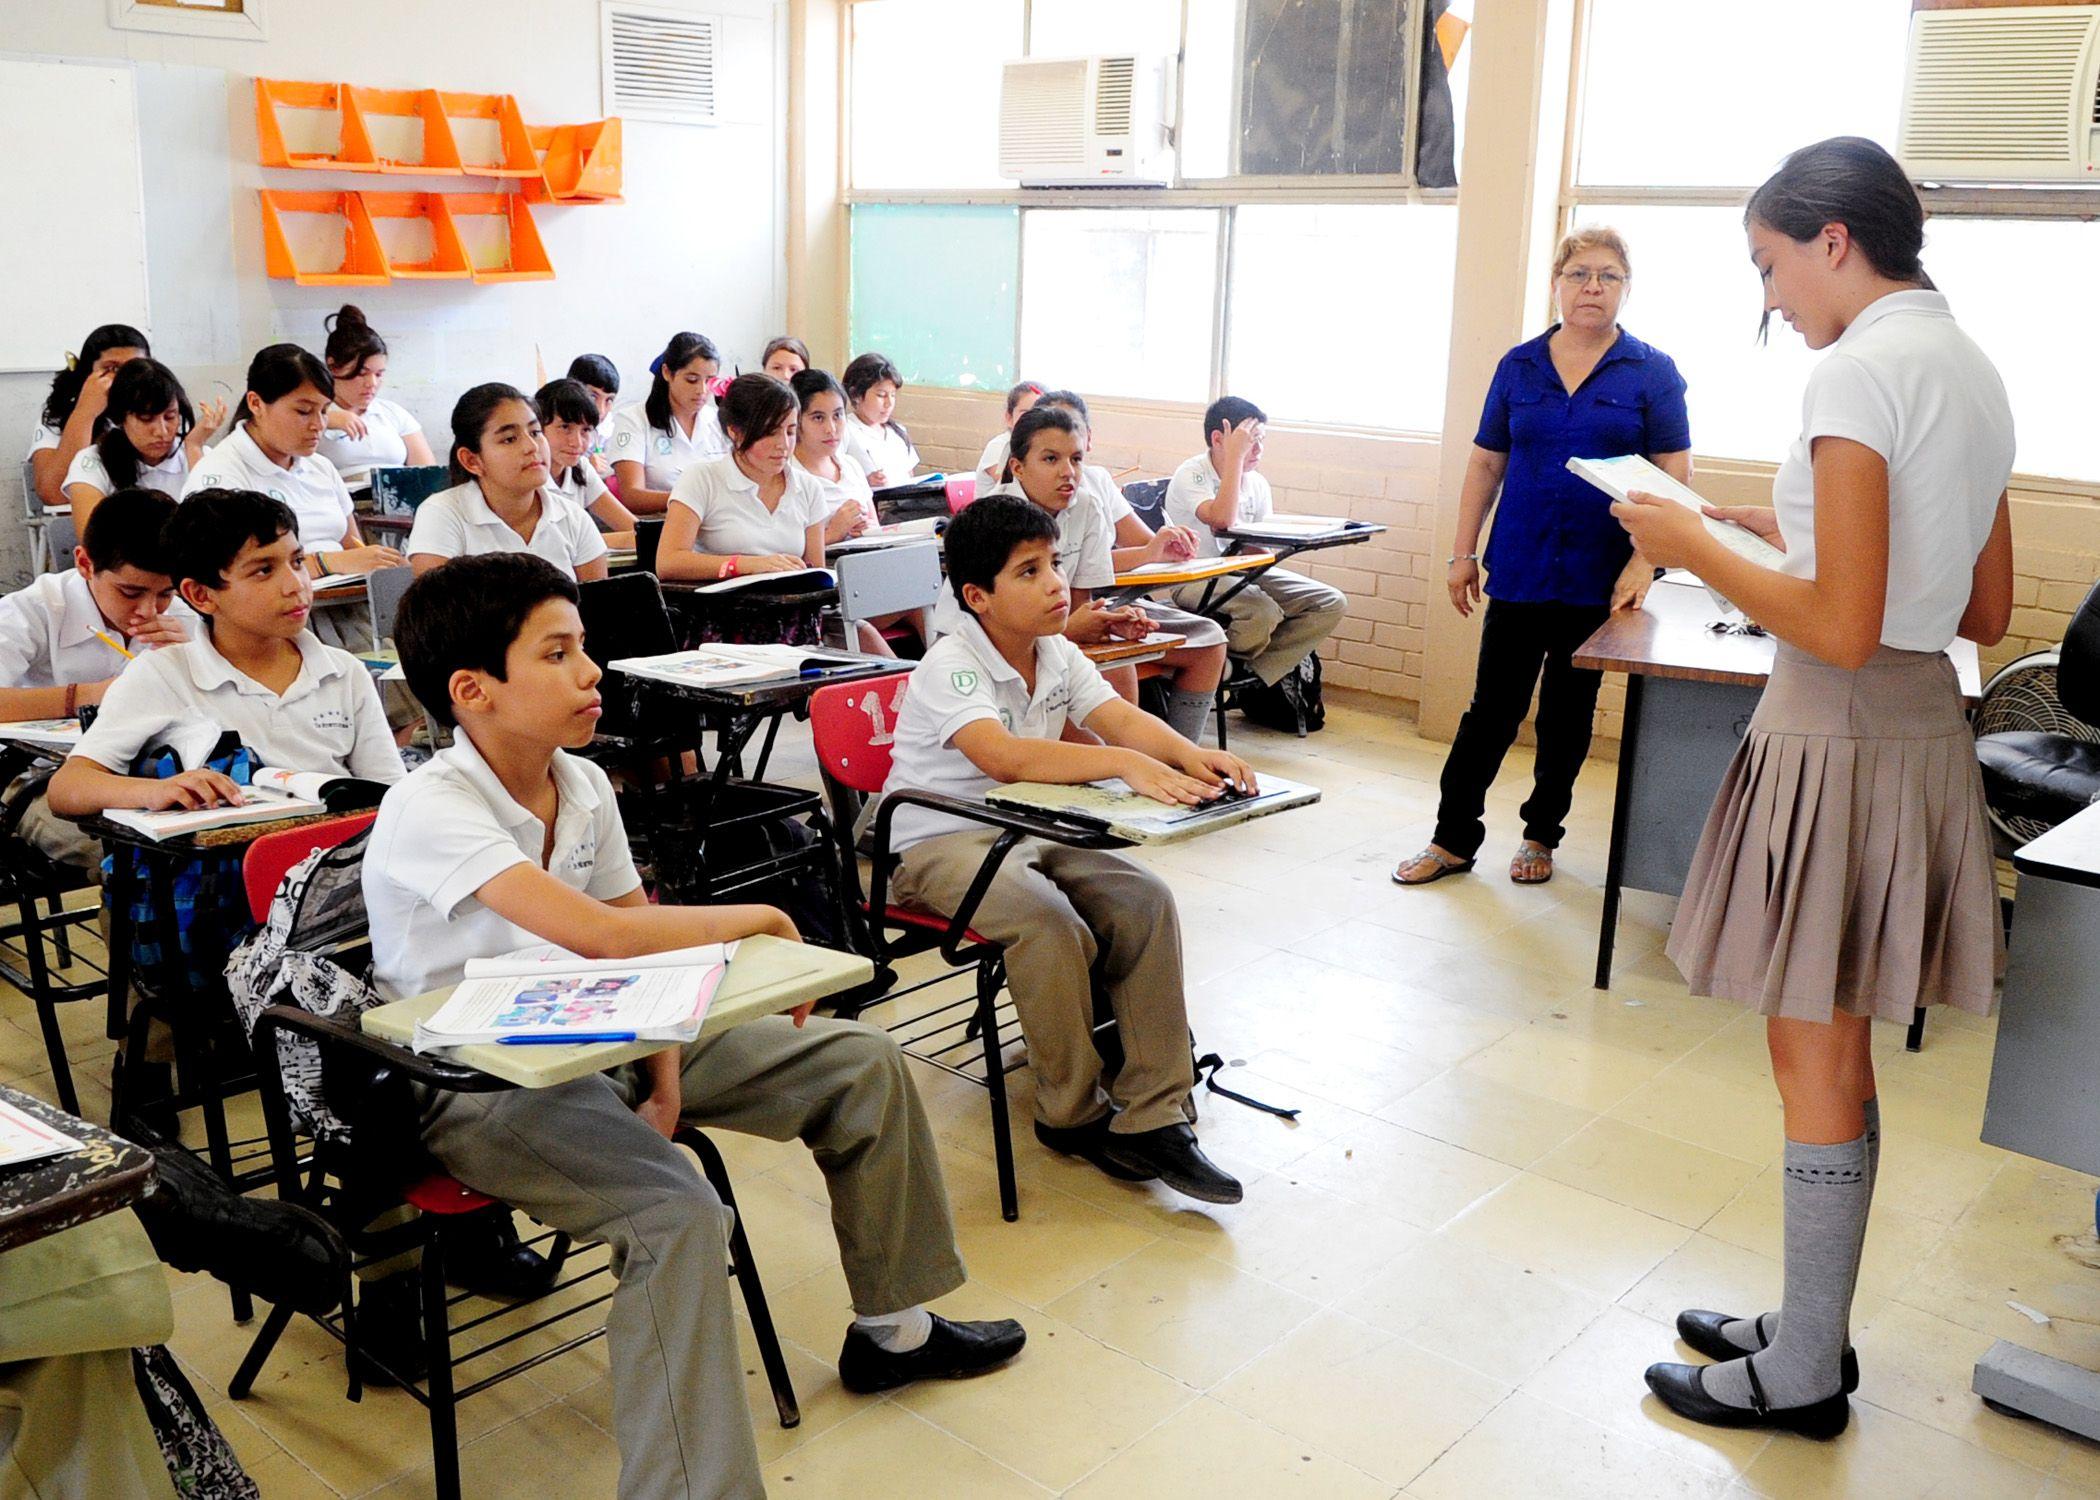 Hermosa Reanudar La Educación Secundaria Estudiante Bosquejo ...